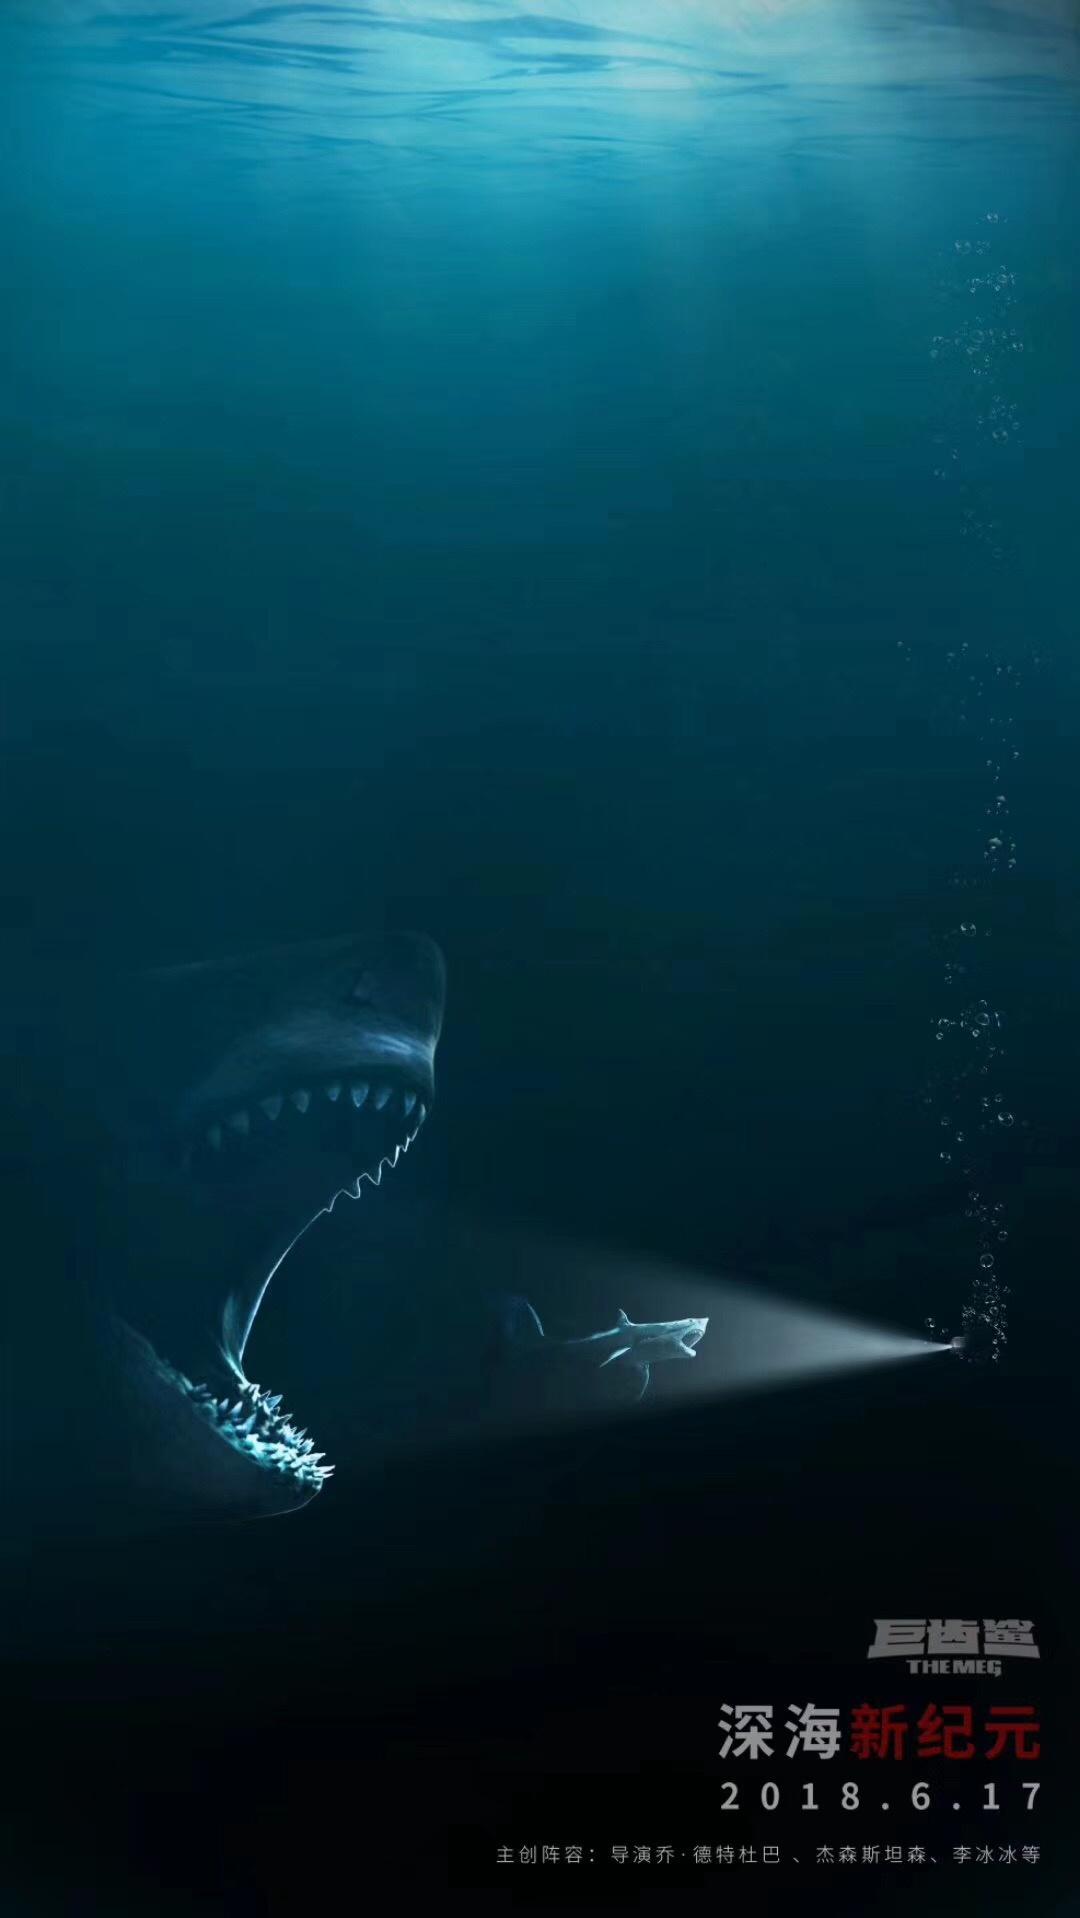 巨齿鲨_电影海报_图集_电影网_1905.com